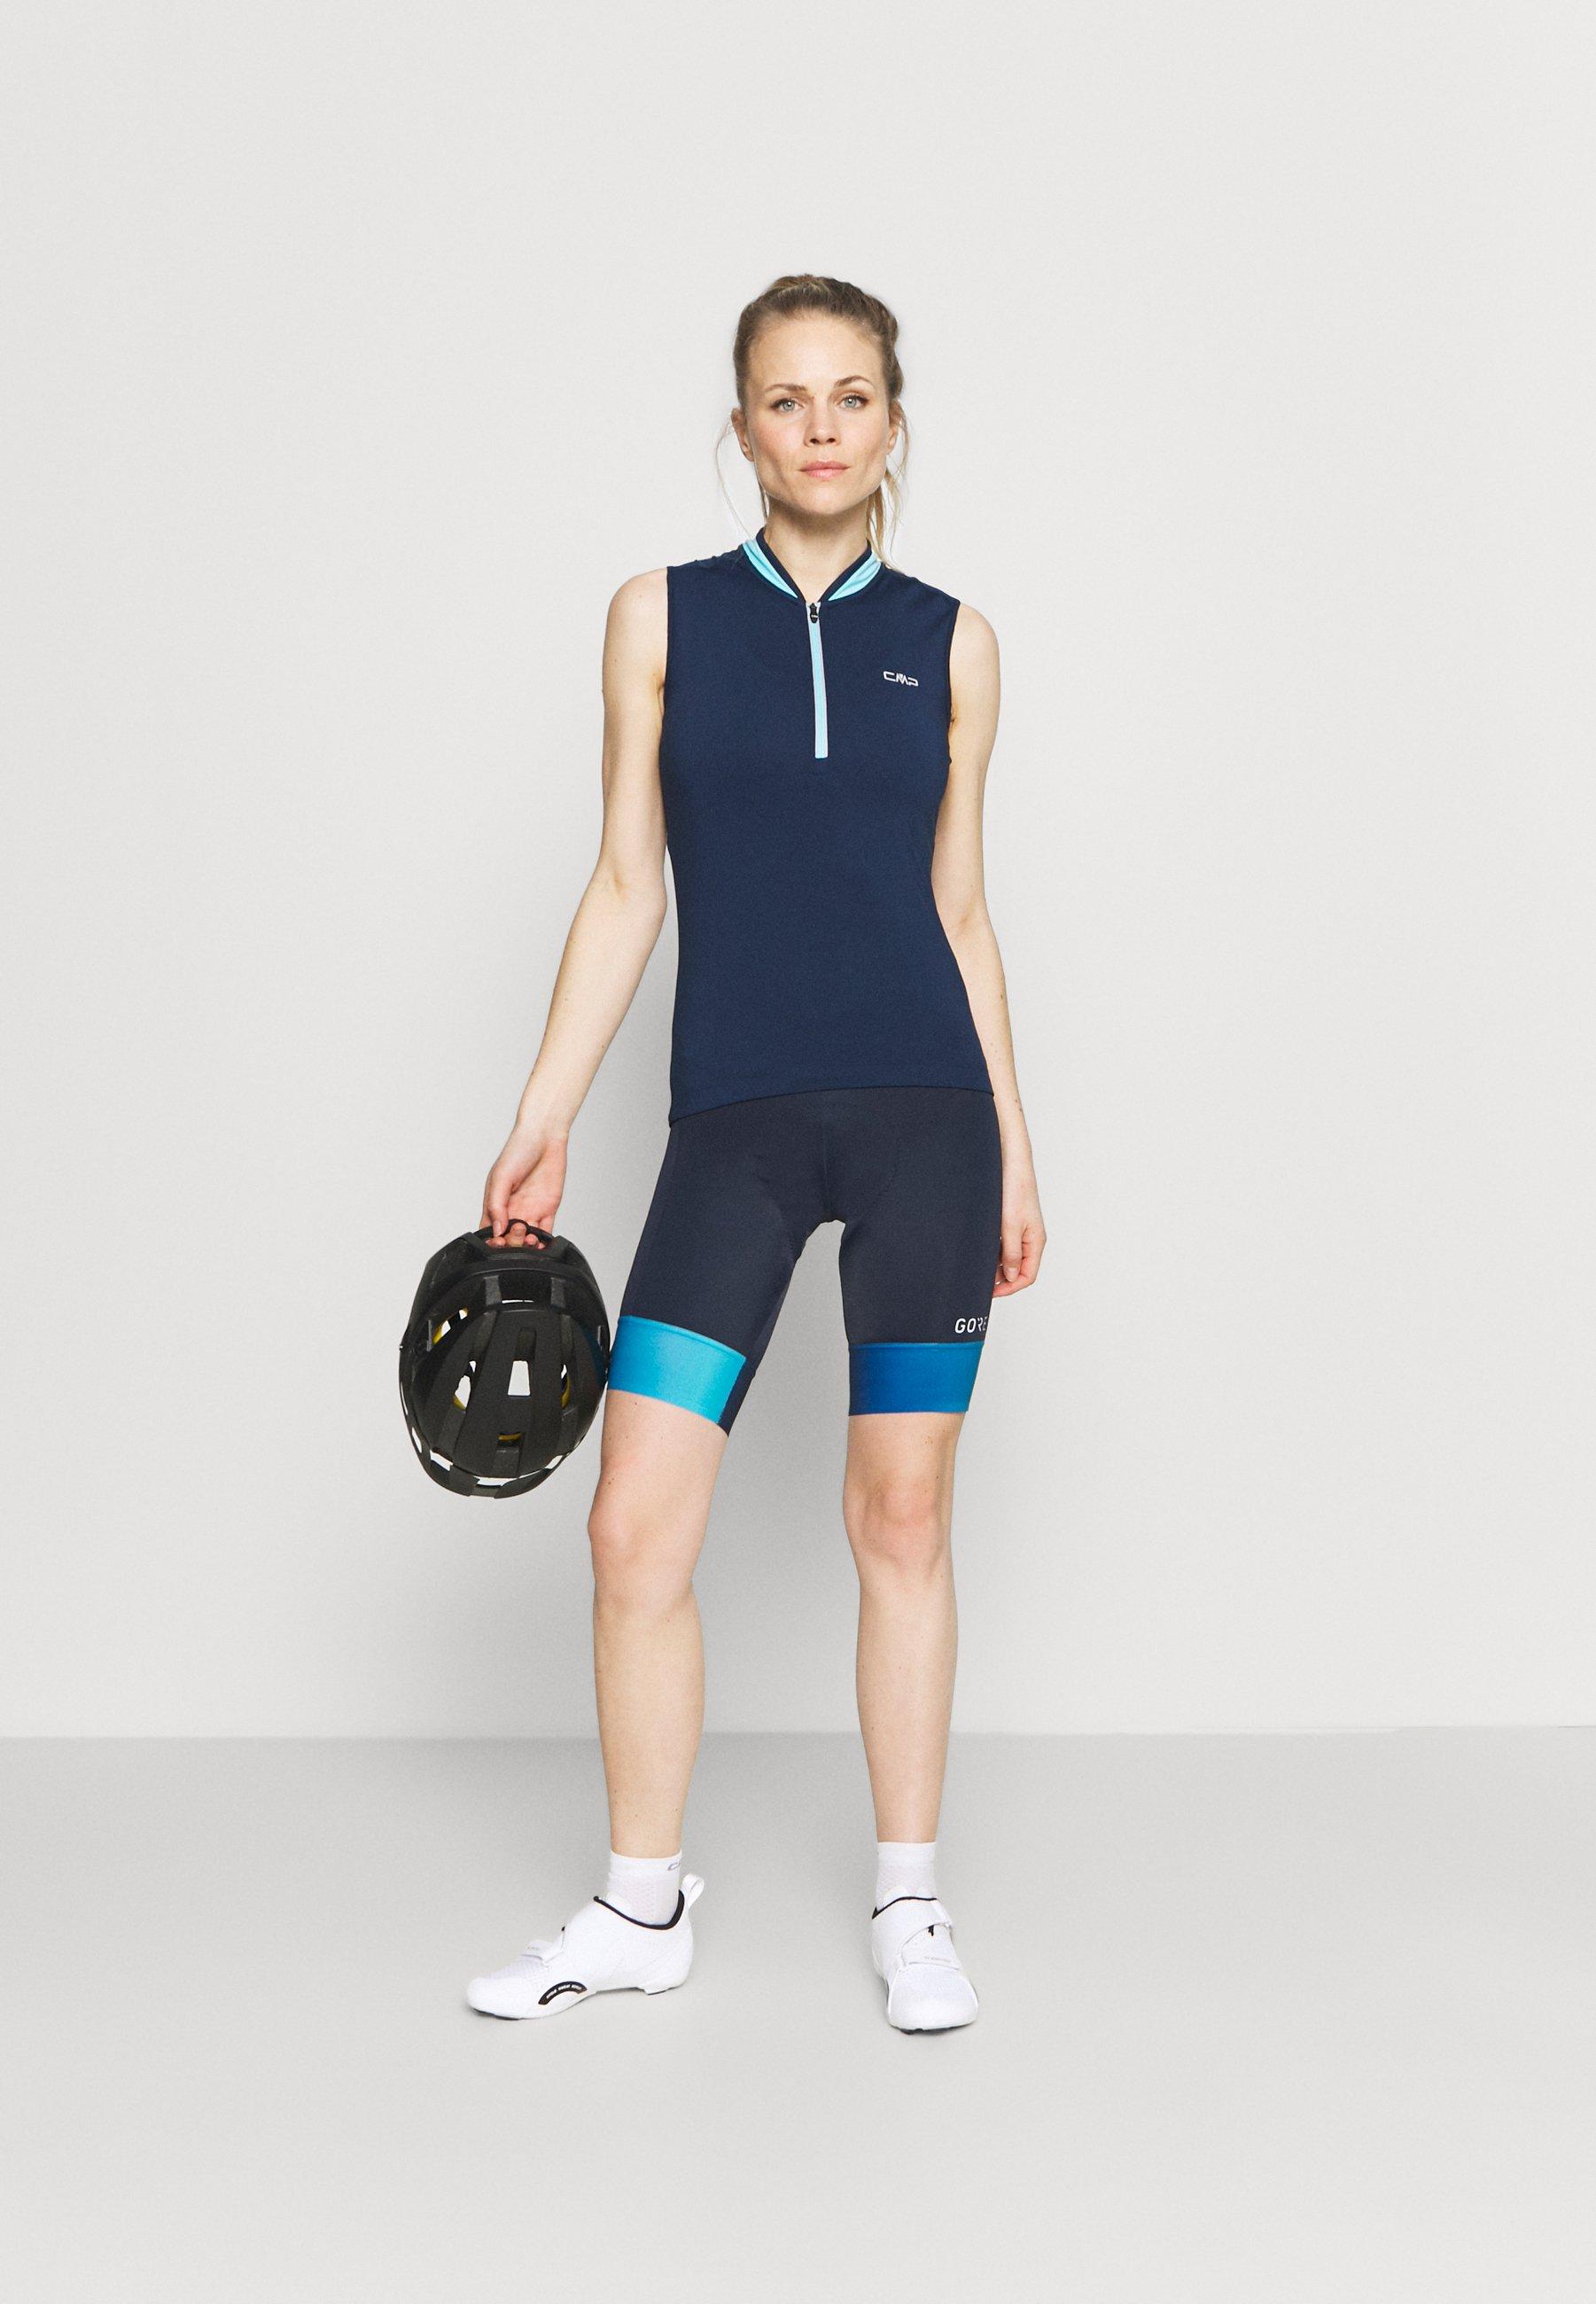 Femme WOMAN BIKE - Maillot de cycliste